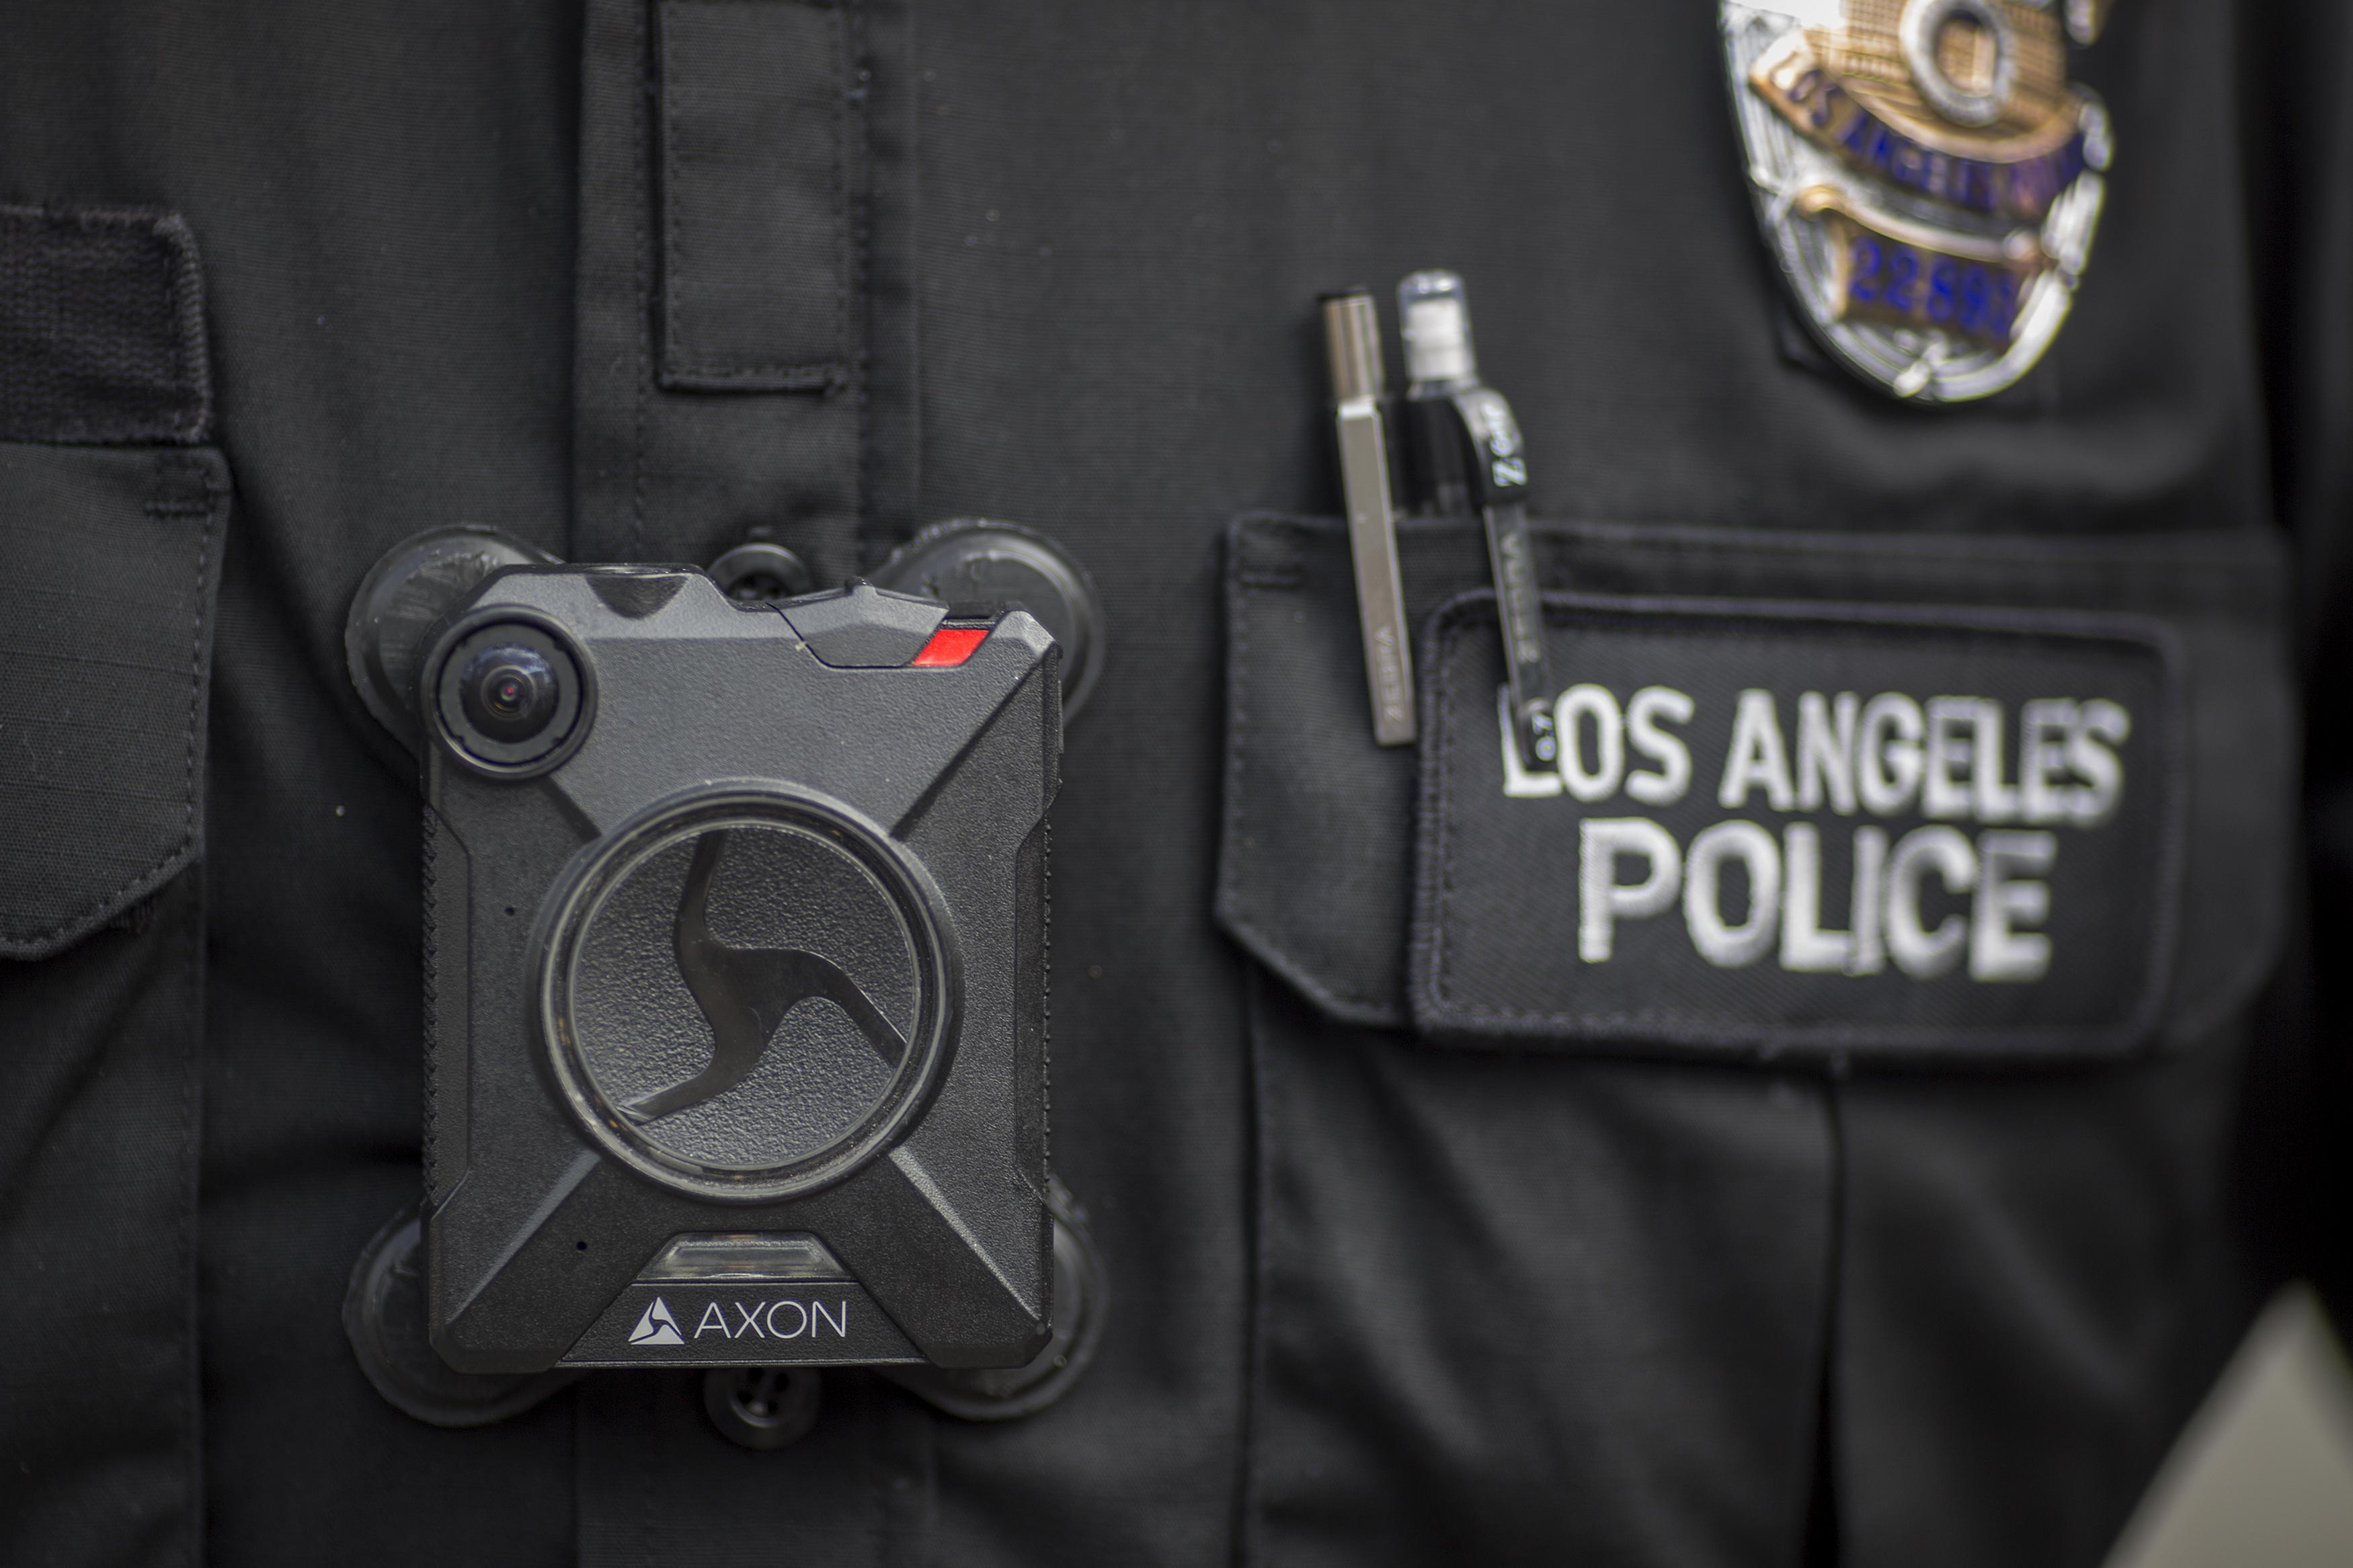 Juez impide que gobierno castigue a policías que no colaboren con La Migra